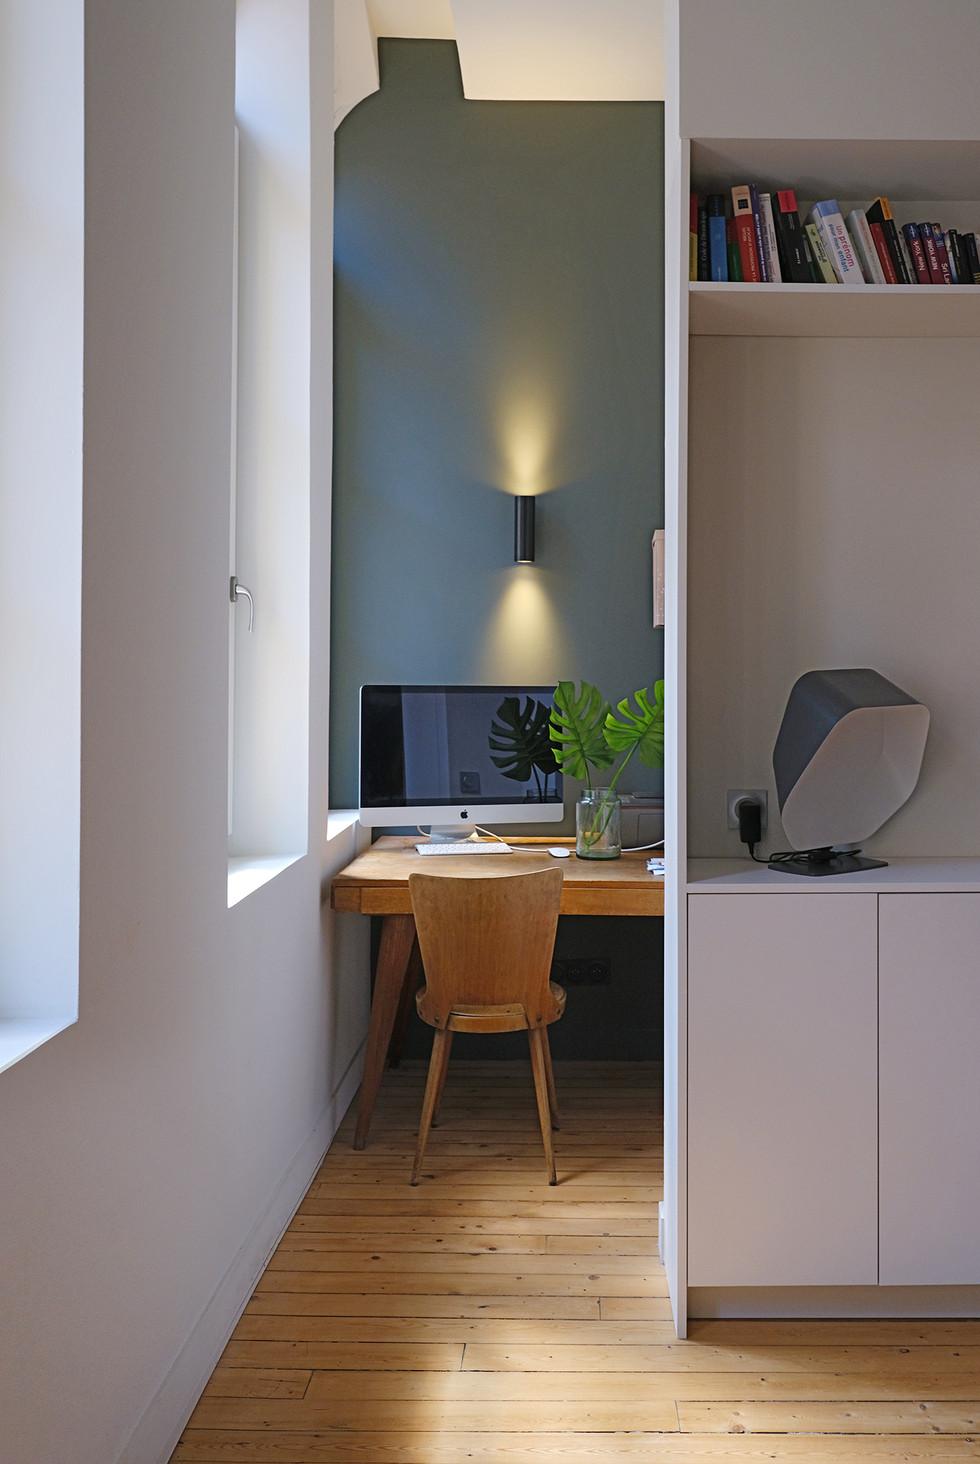 Lanterne architecture design numero111 C